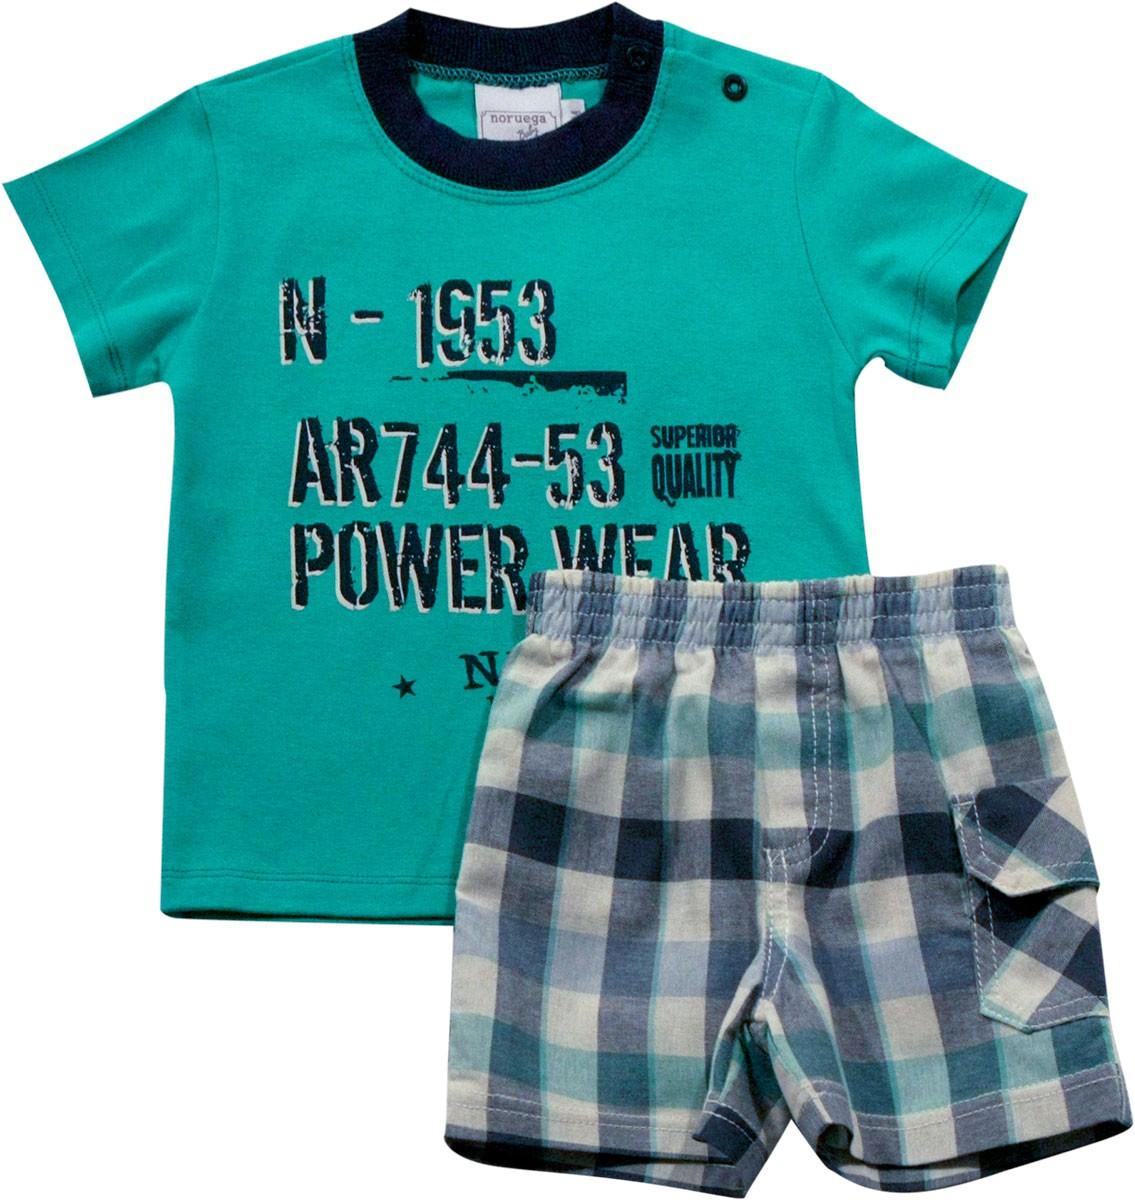 21.613A - Conjunto Silk Power Wear